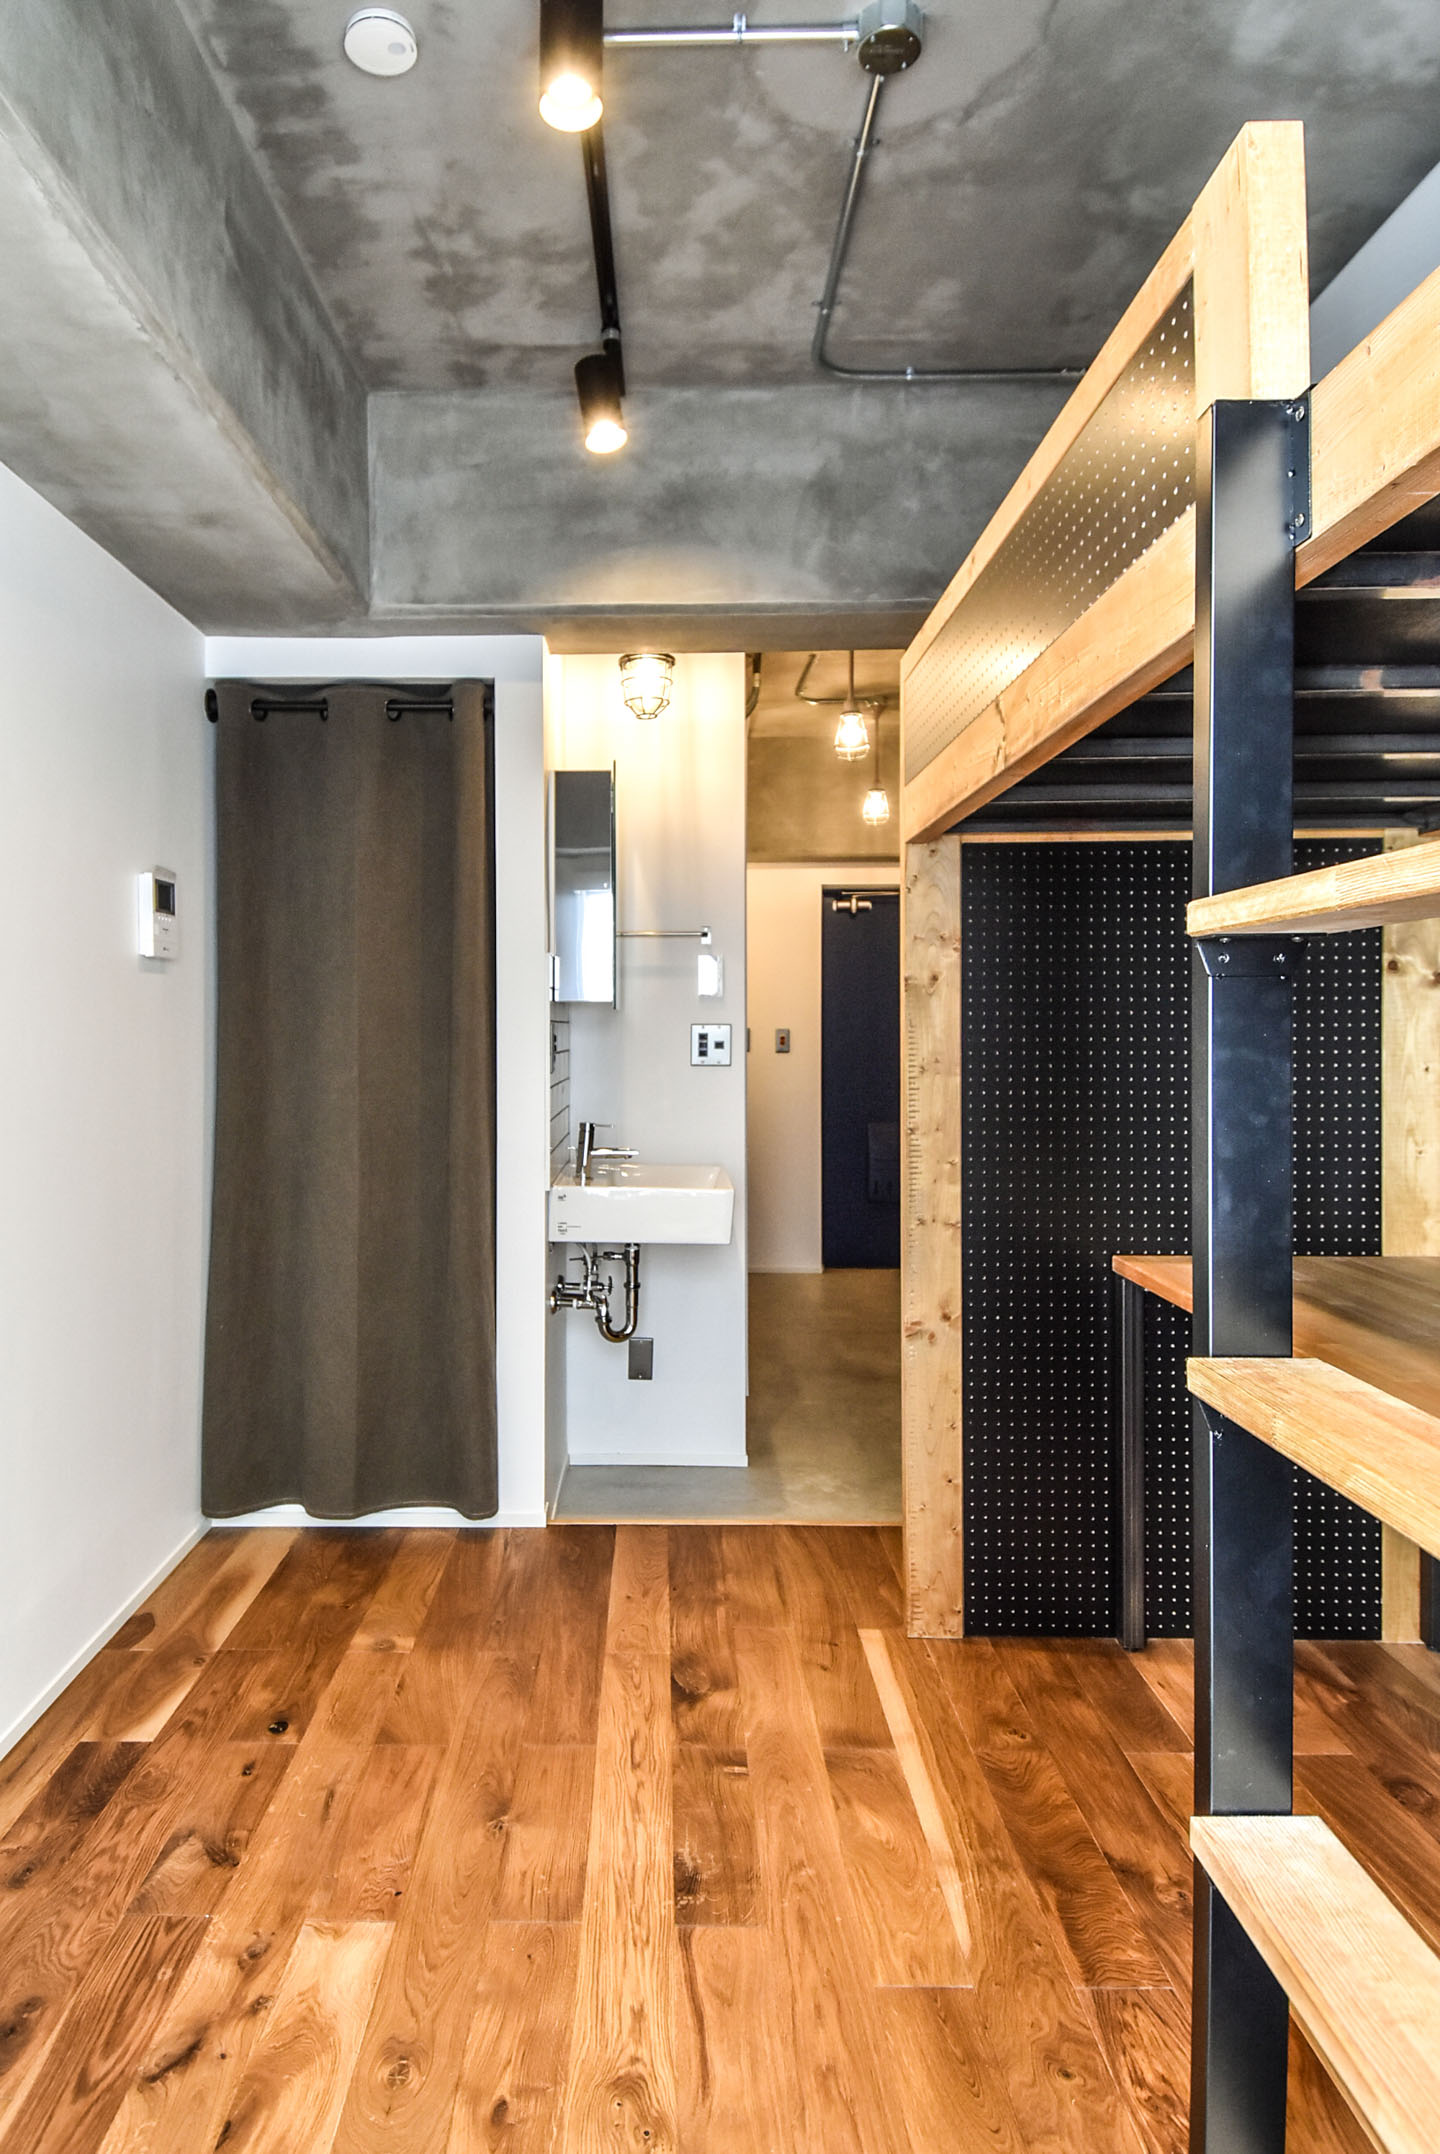 モルタル仕上げの天井のワンルームマンション